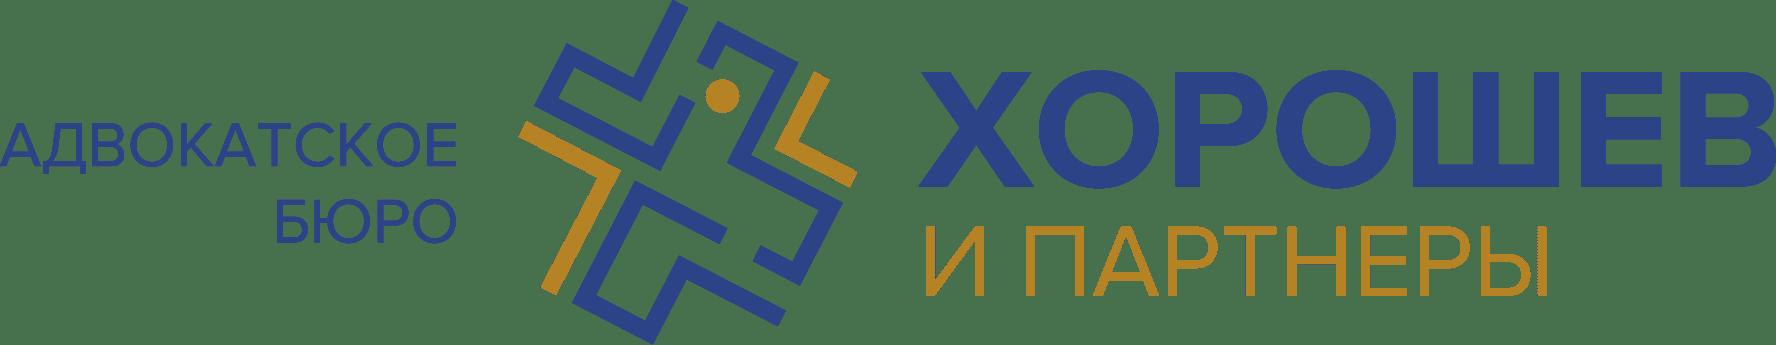 Адвокатское бюро Хорошев и партнеры